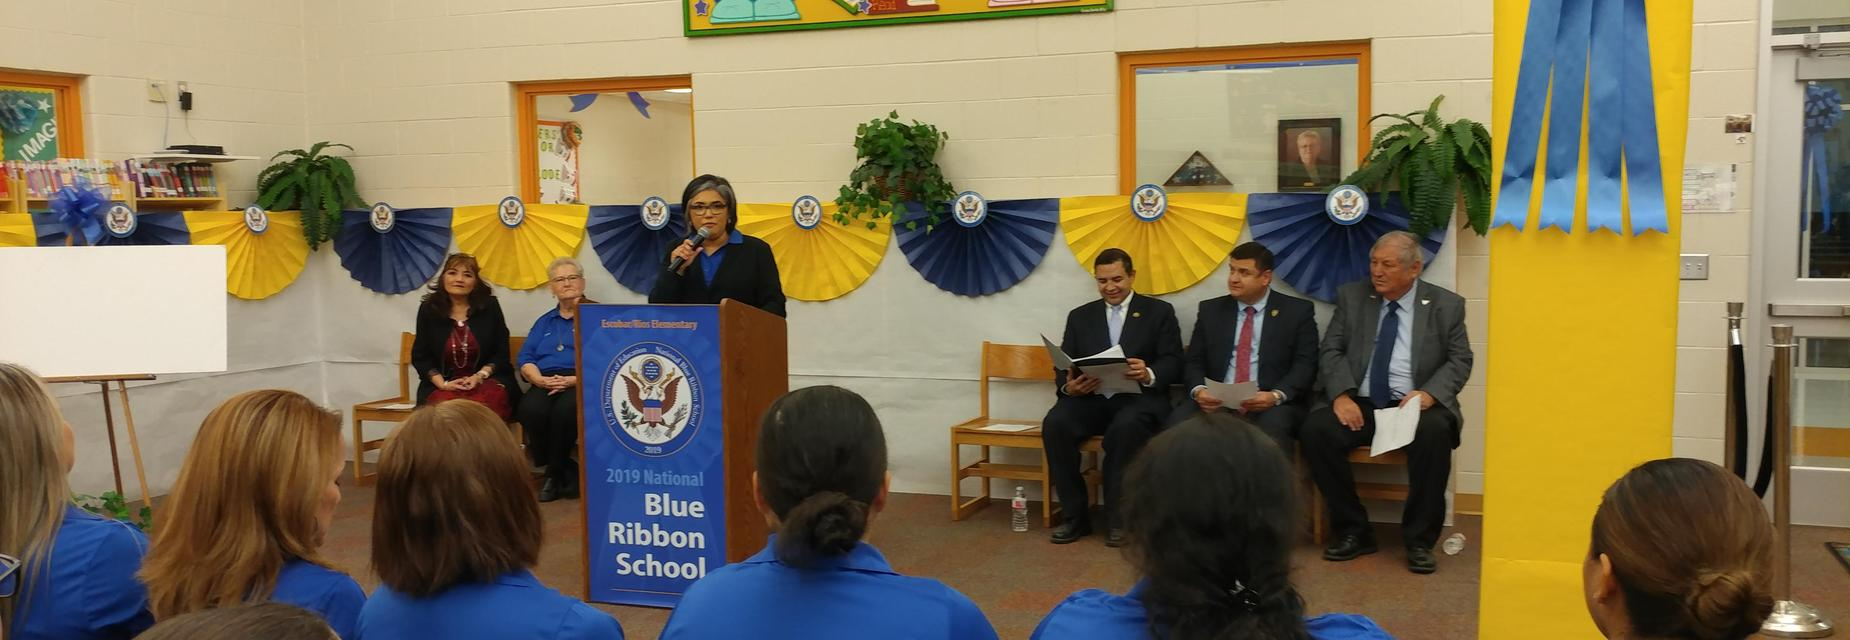 Mrs. Lopez giving a speech.